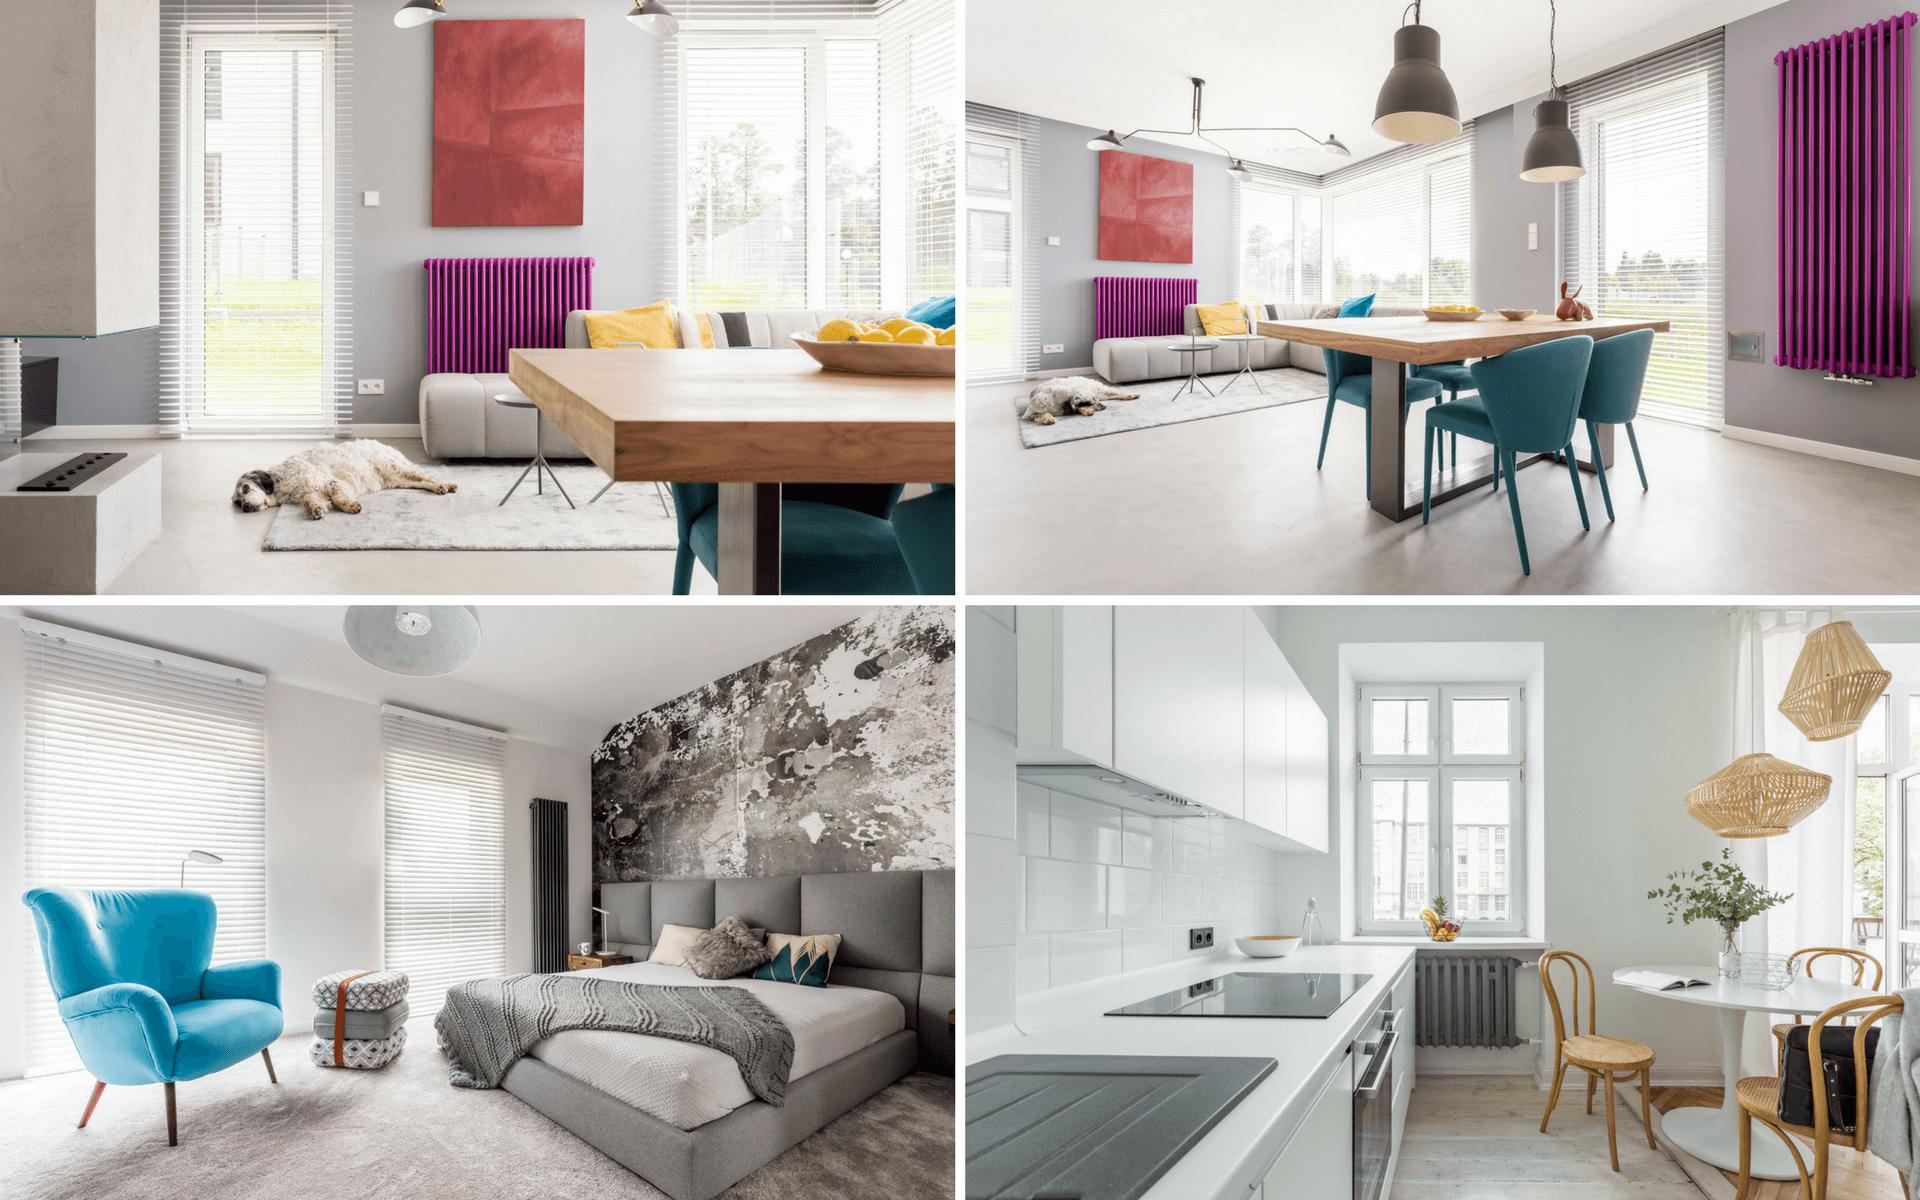 Come verniciare i termosifoni di casa scegliendo il colore giusto o realizzando decorazioni uniche